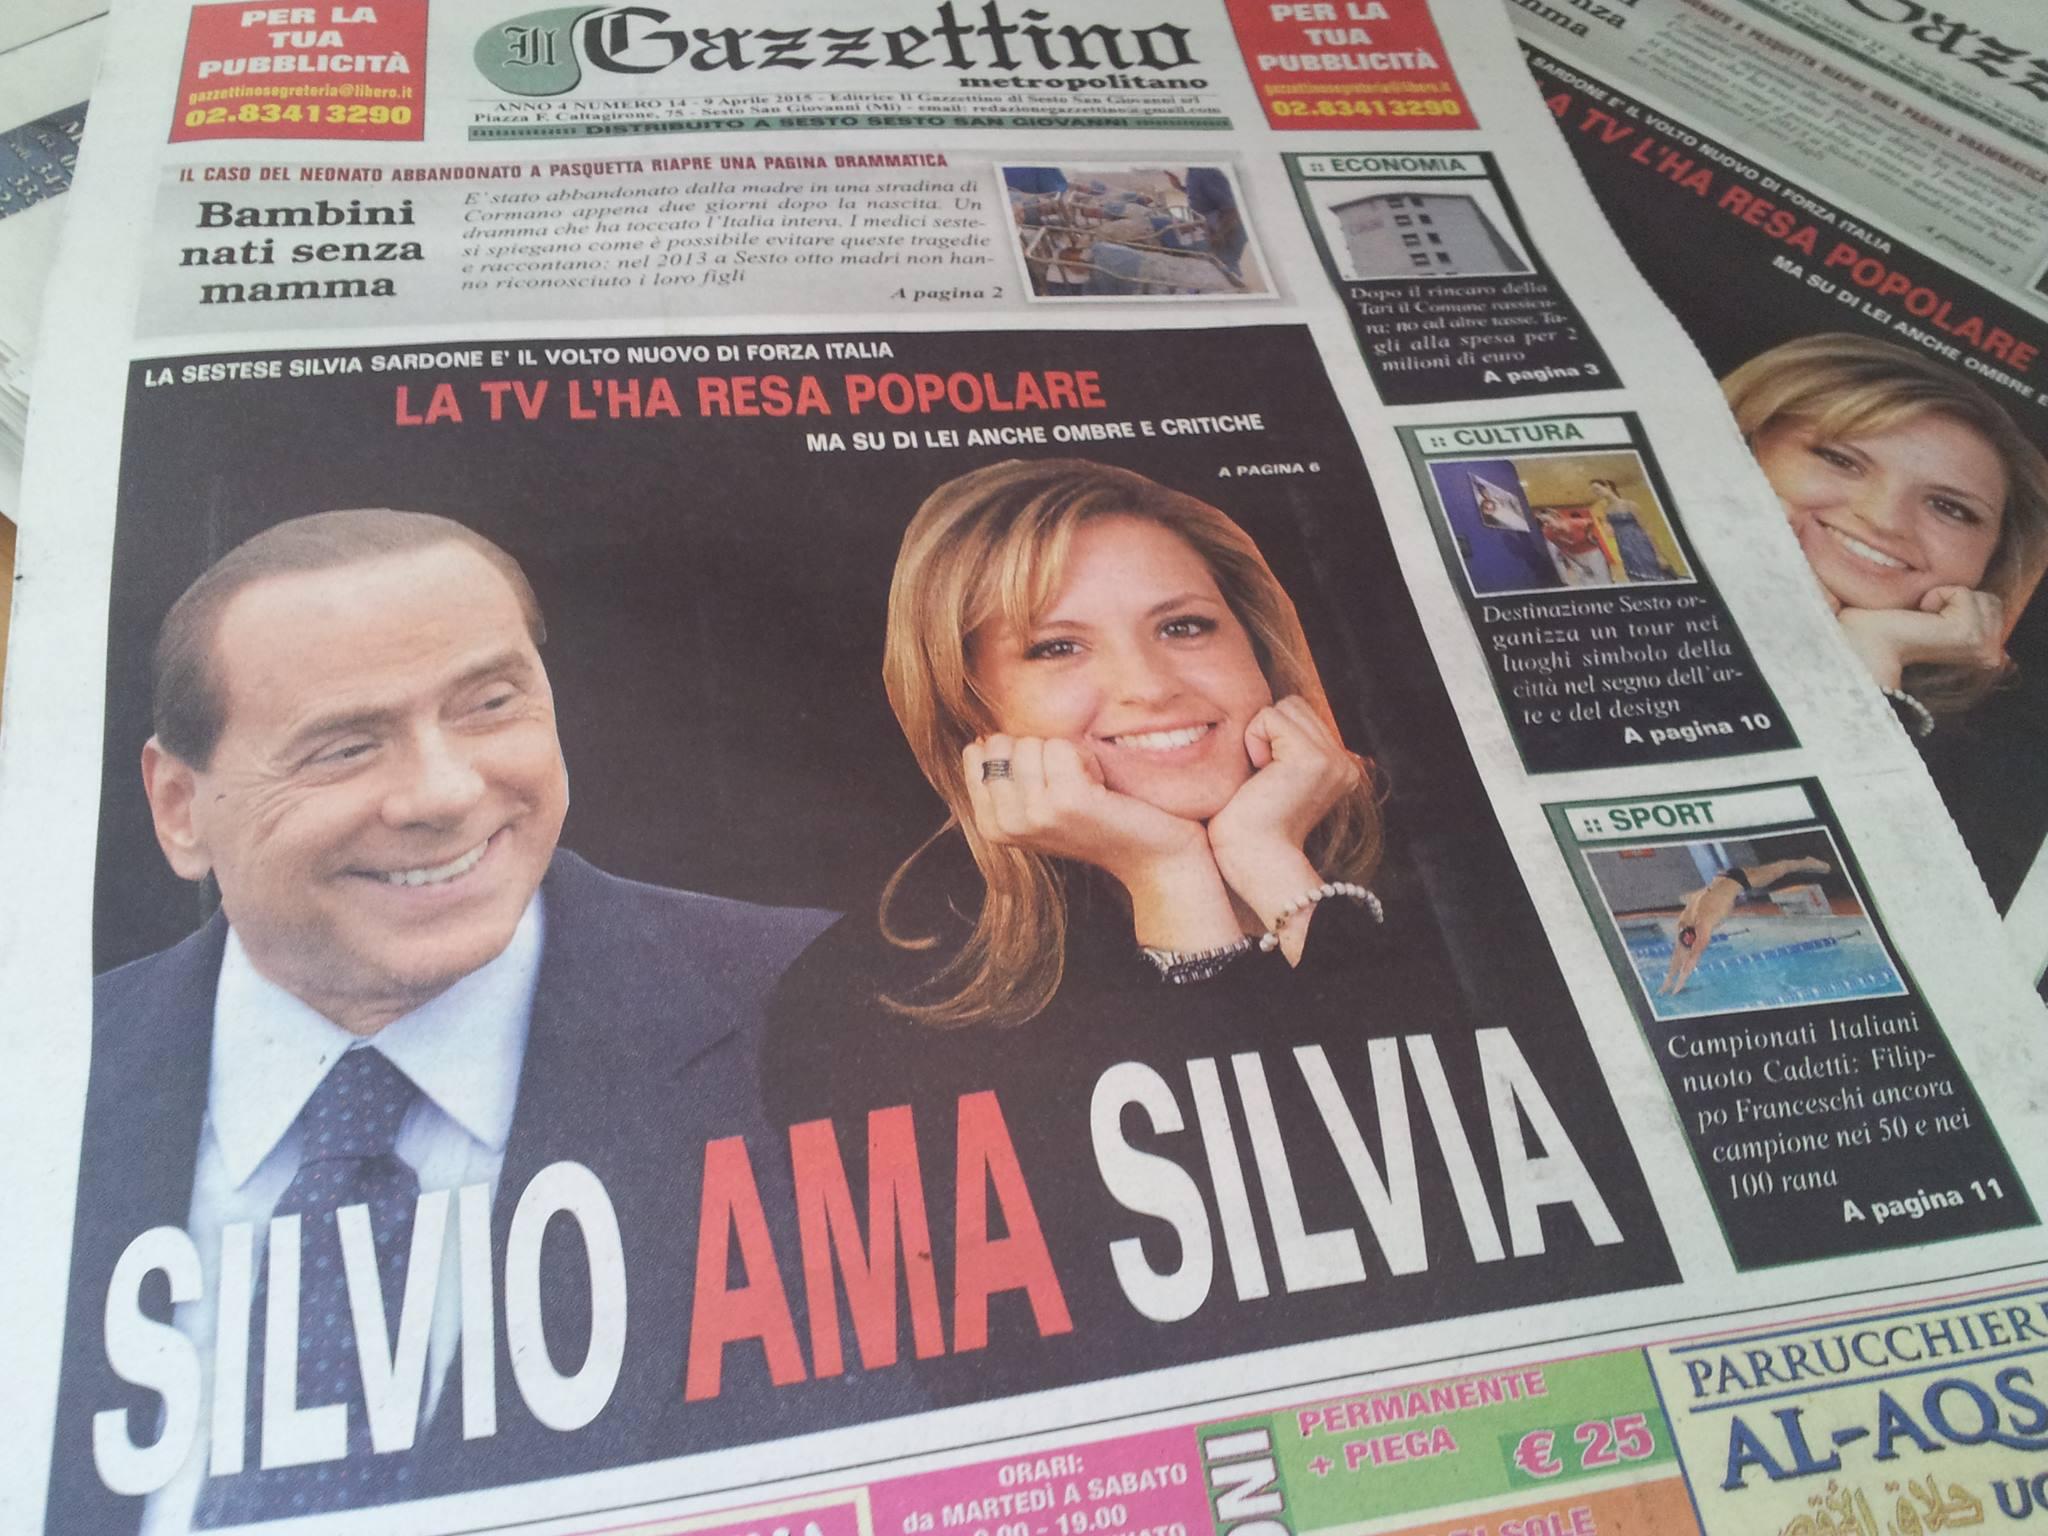 Silvia sardone arriva da sesto la rottamatrice di forza for Onorevoli di forza italia